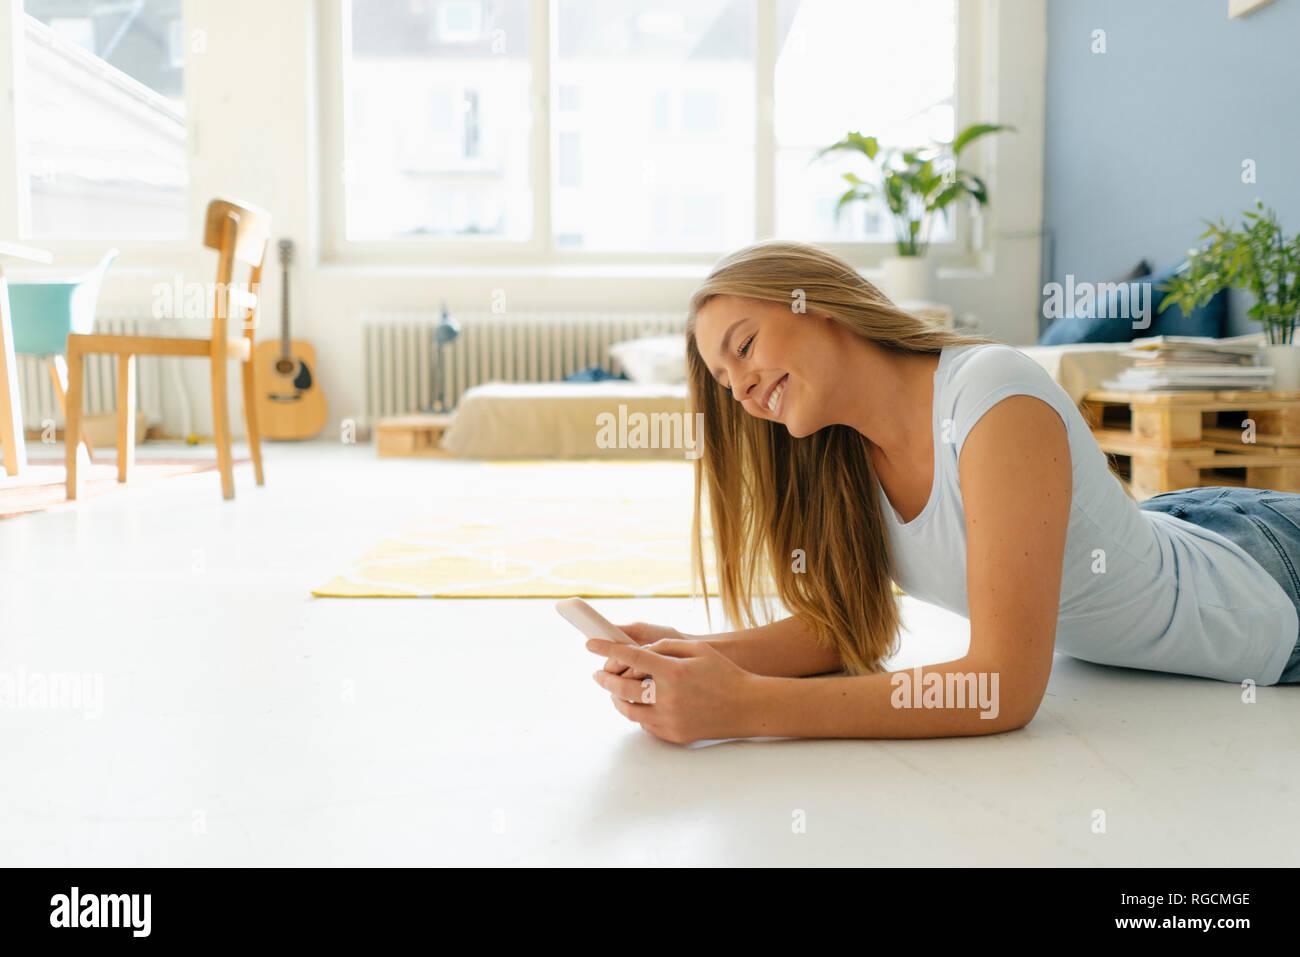 Mujer sonriente tumbado en el suelo en su loft mirando teléfono celular Foto de stock